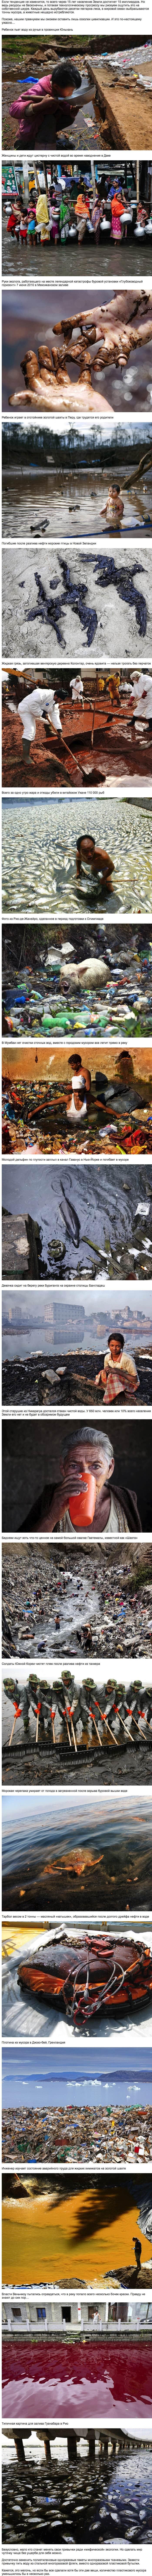 Эти снимки доказывают, что человек — самое опасное существо для нашей планеты